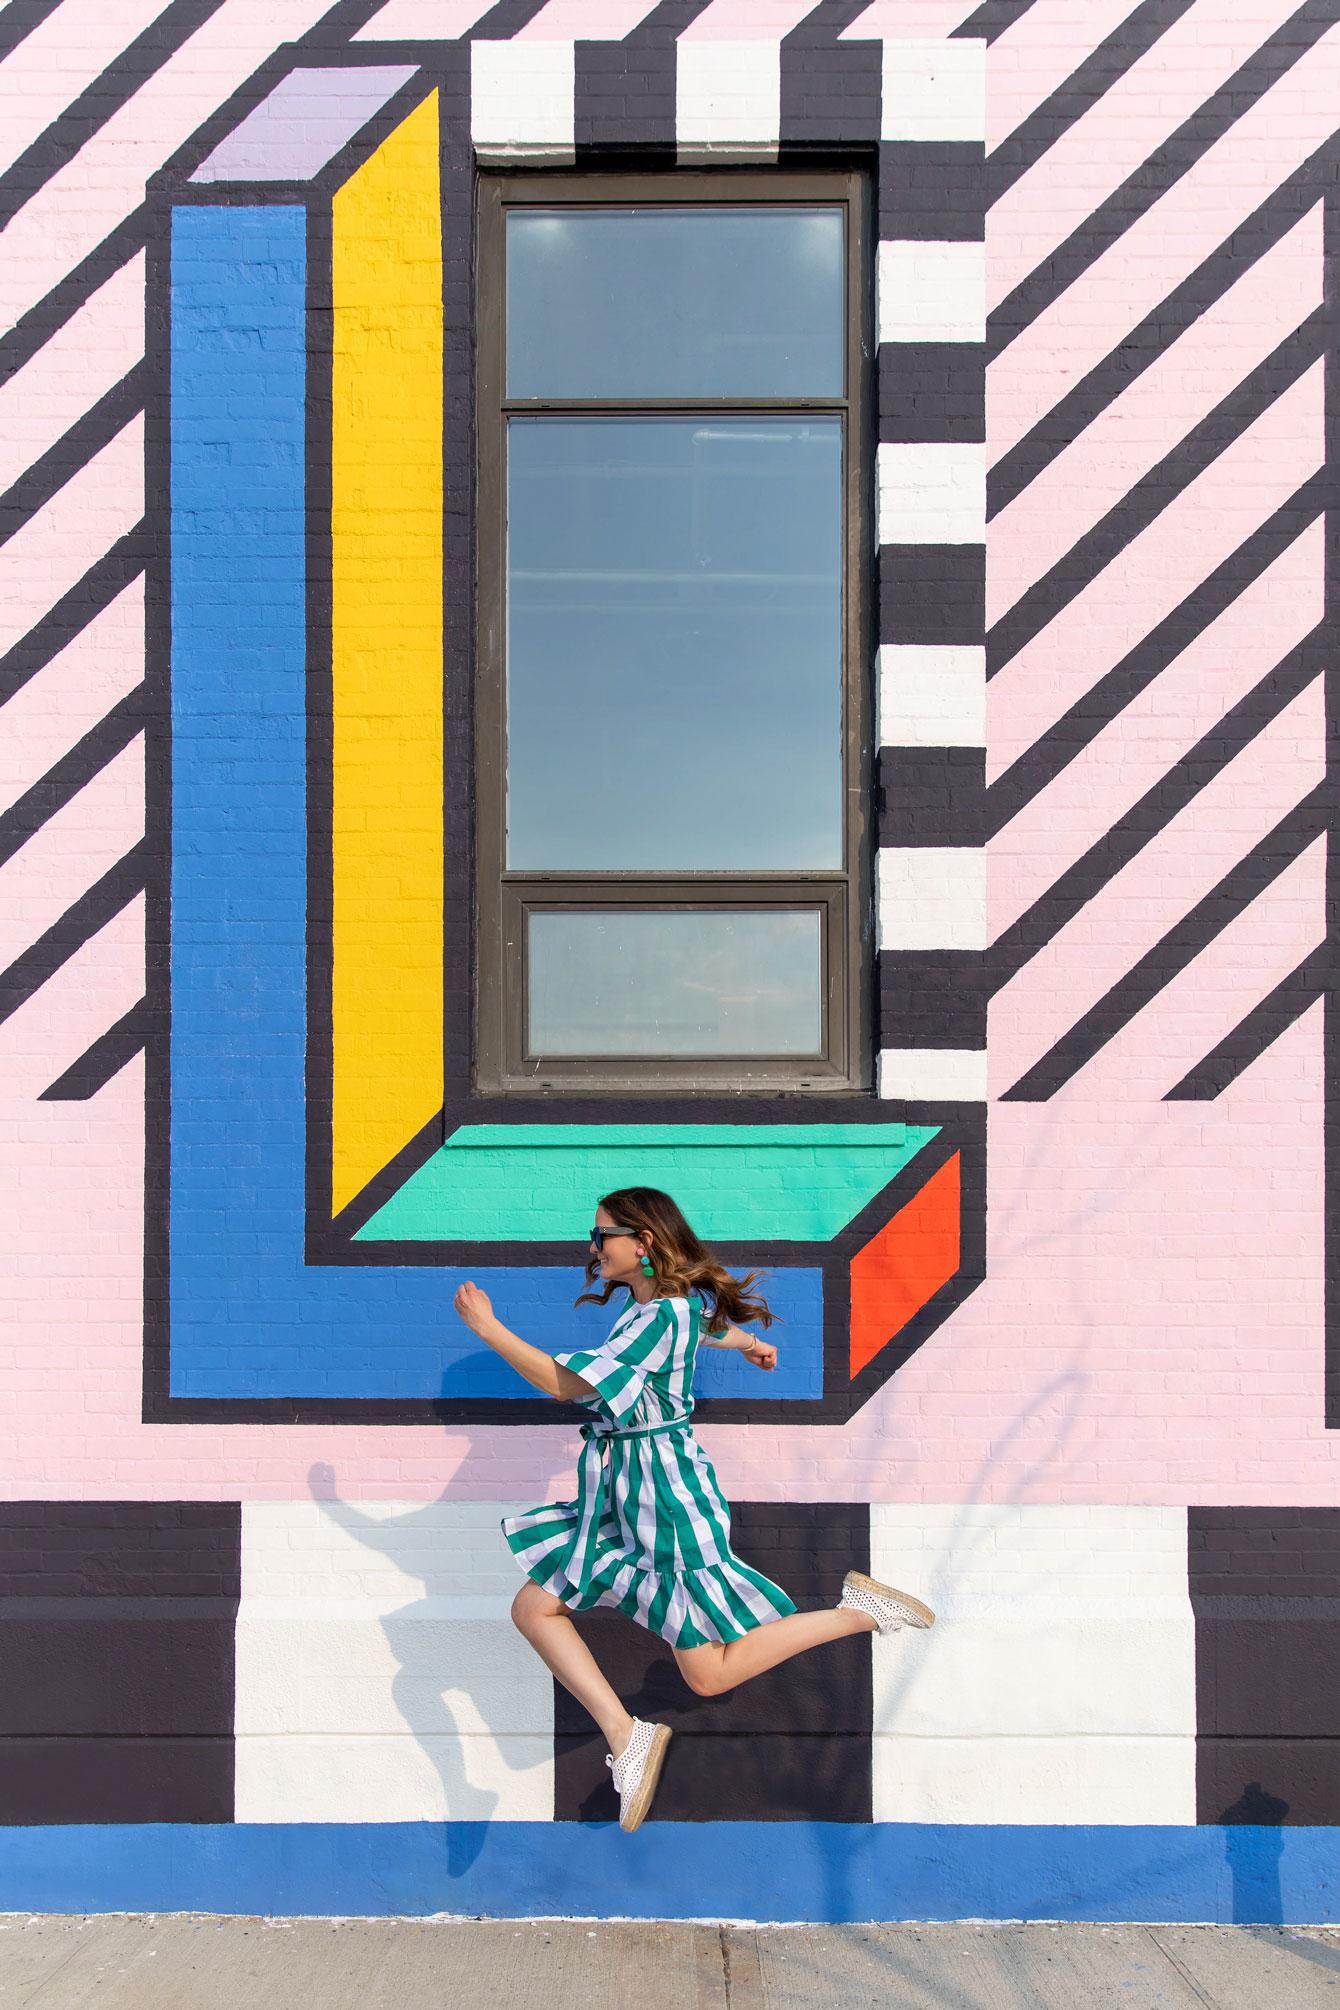 Brooklyn Camille Walala Mural Building